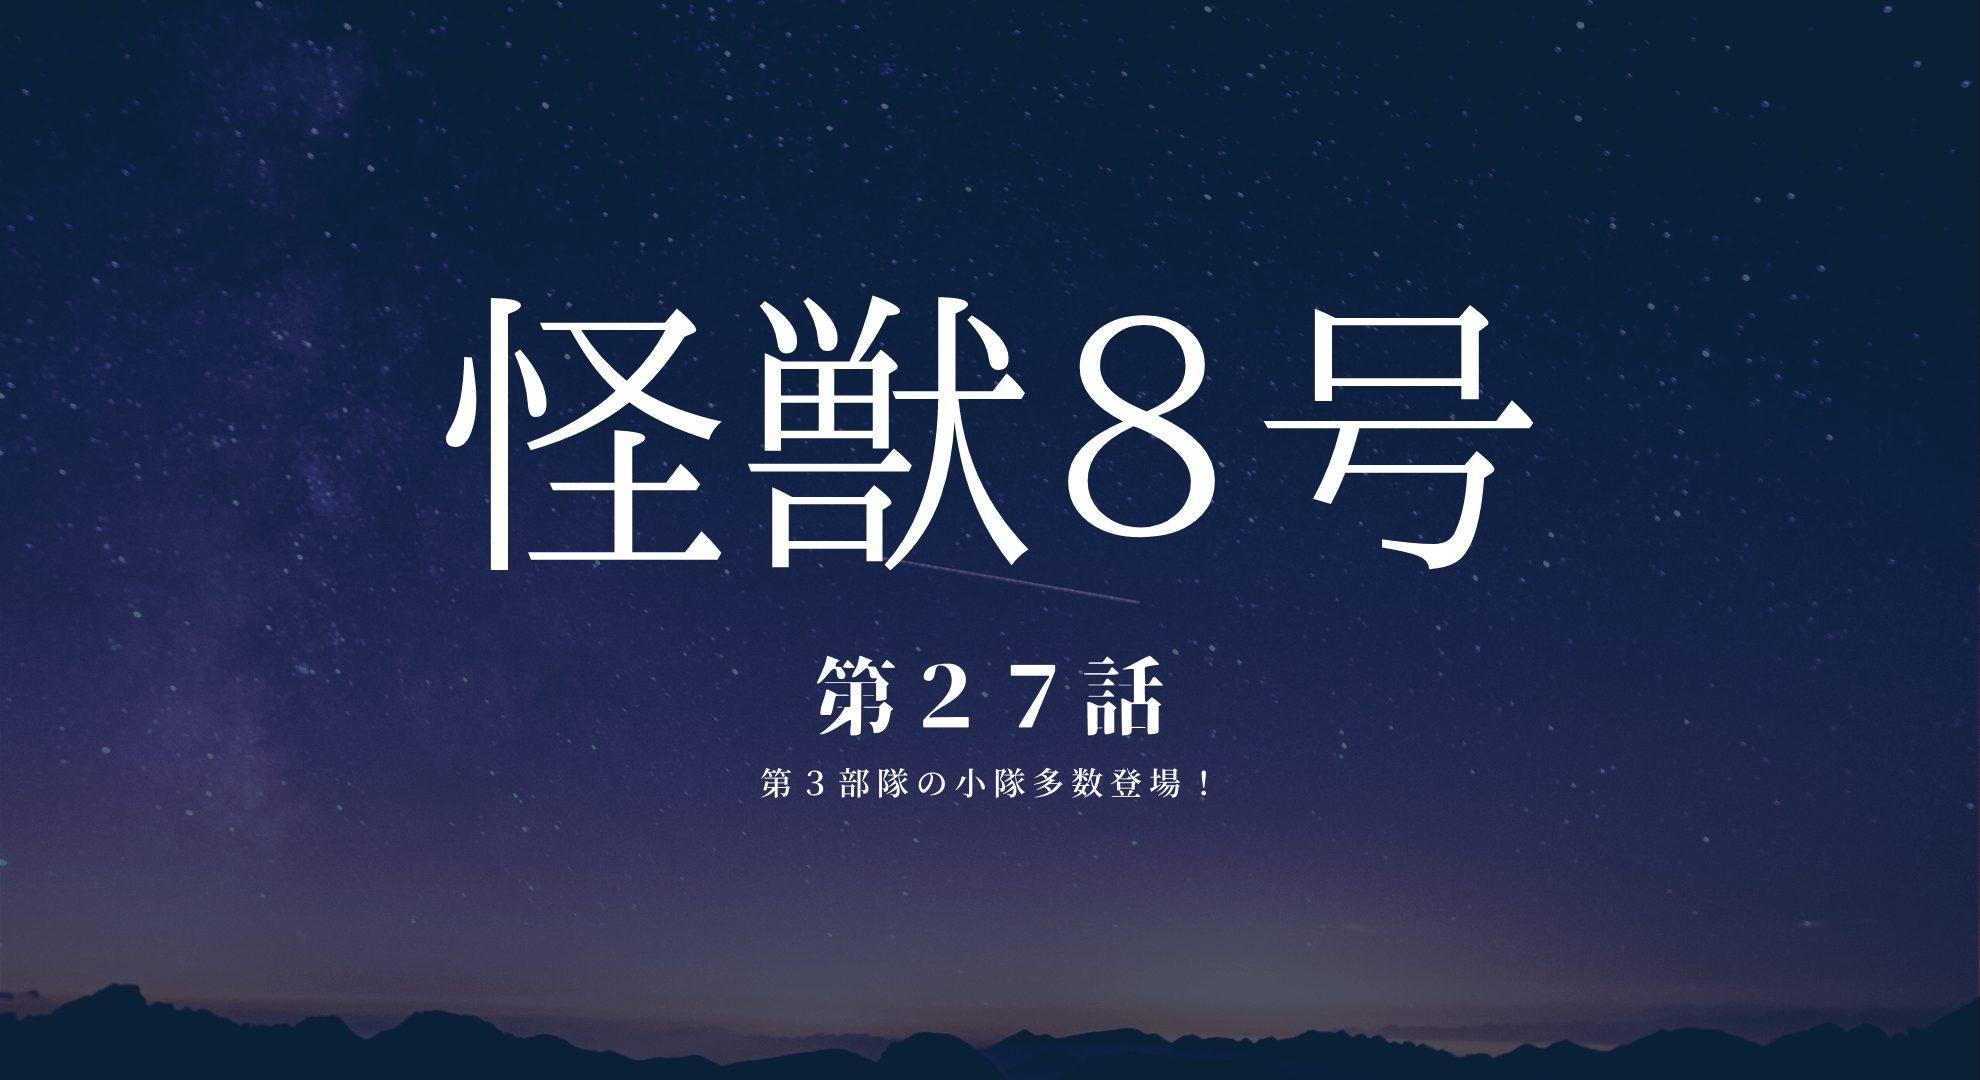 怪獣8号27話アイキャッチ画像